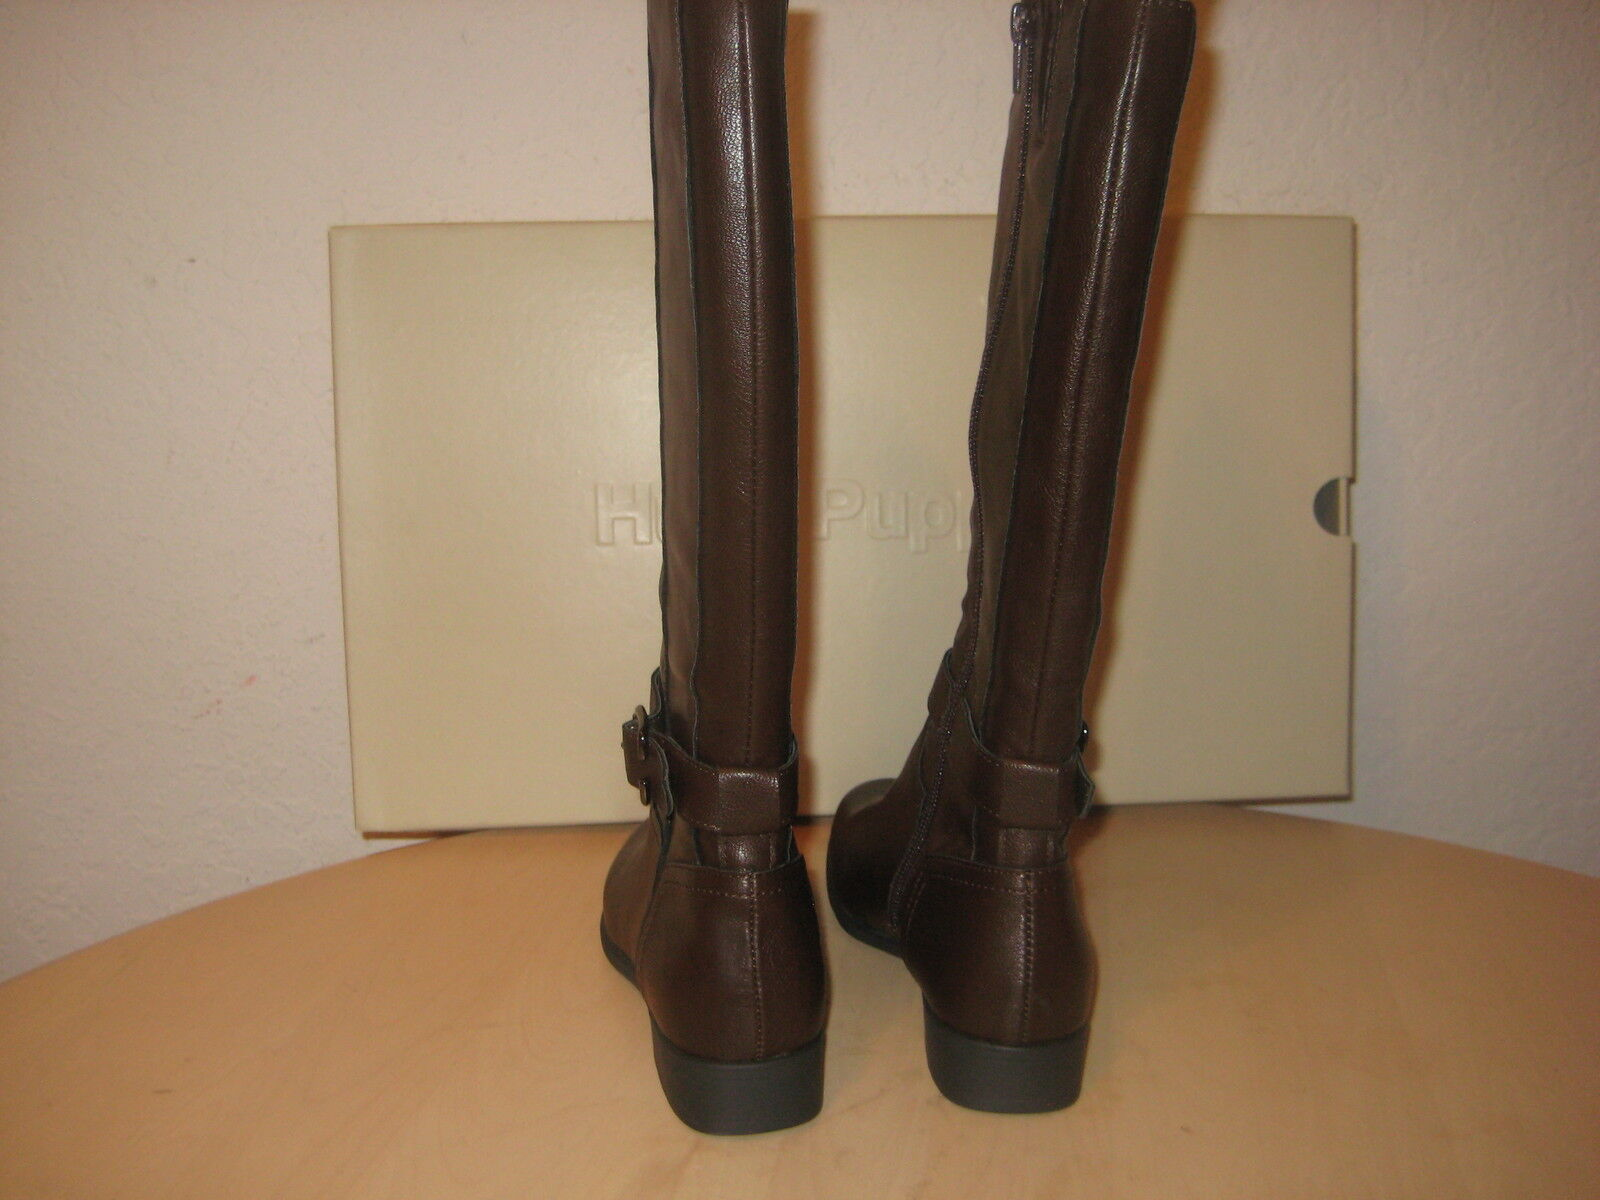 Hush Puppies Schuhes 5 M Damenschuhe New Bikita Dark EUR Braun Knee High Stiefel EUR Dark 36 27c41d